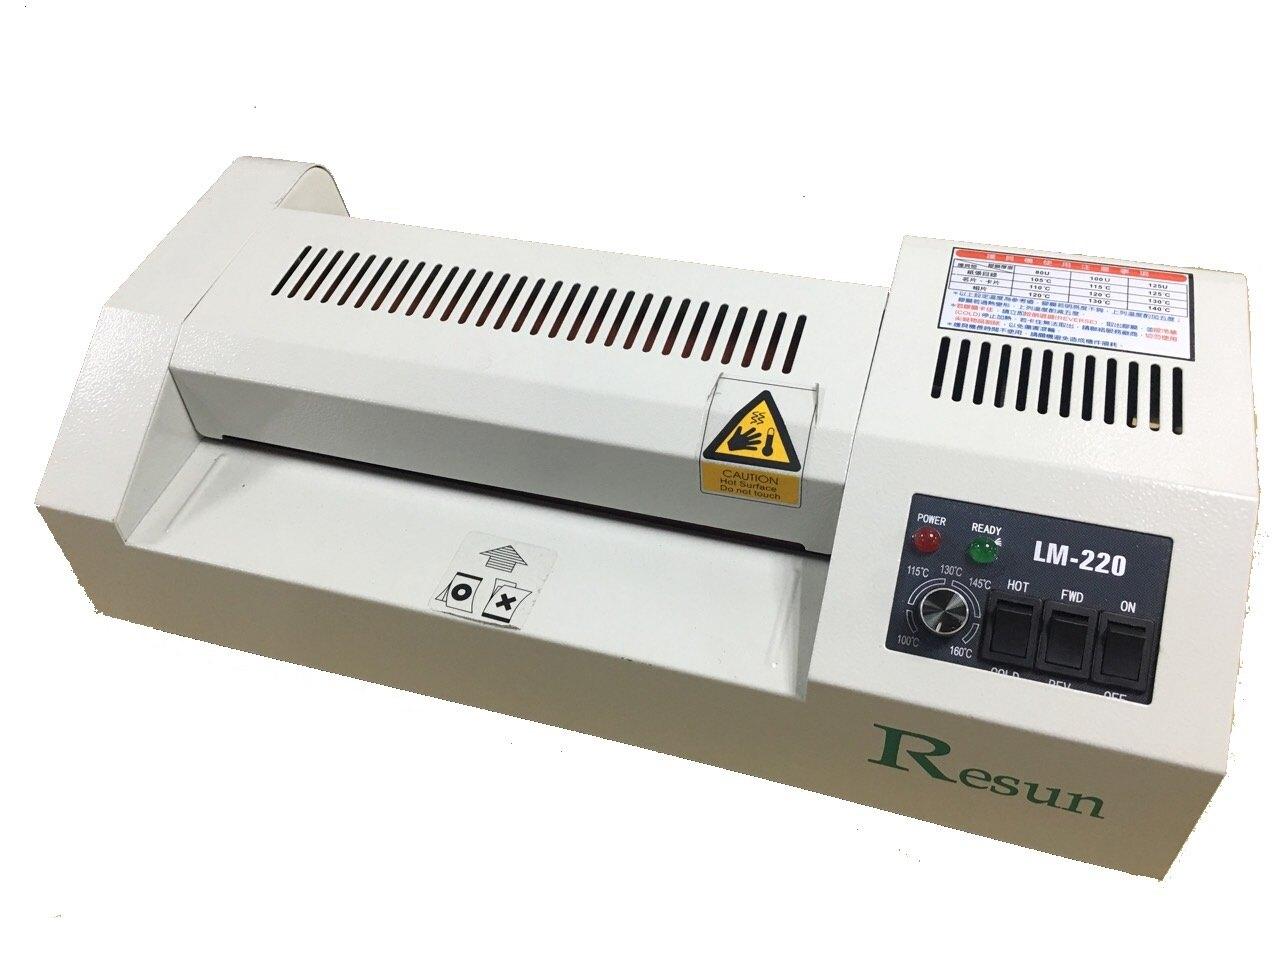 文件保護 護貝機 電動護貝 Resun A3護貝機 LM-320 事務機器 護貝 卡片 名片 照片 文件 保護 塑膠套